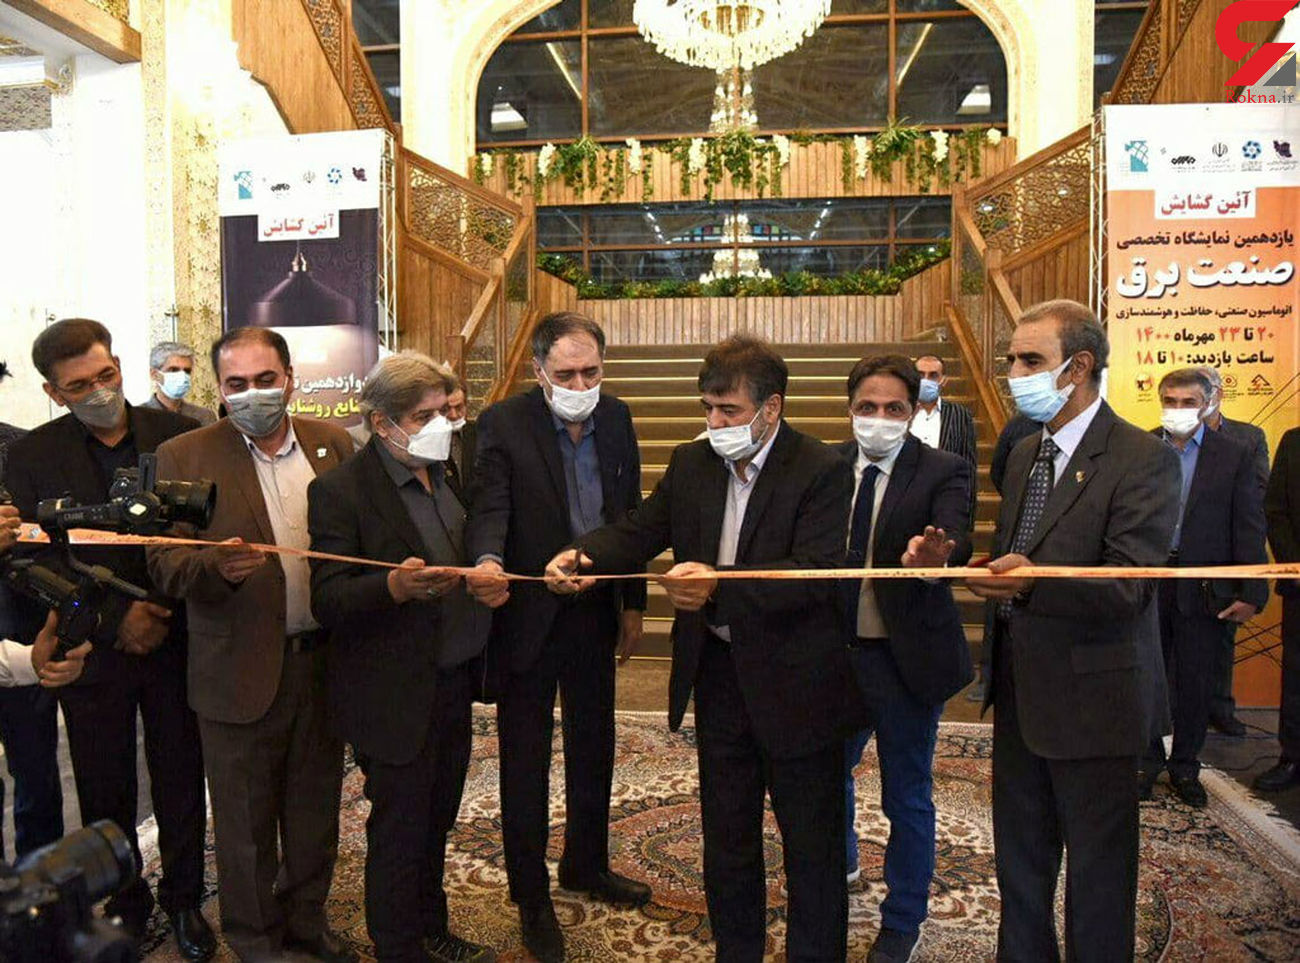 آغاز نمایشگاه برق، اتوماسیون صنعتی و روشنایی اصفهان با حضور 86 شرکت